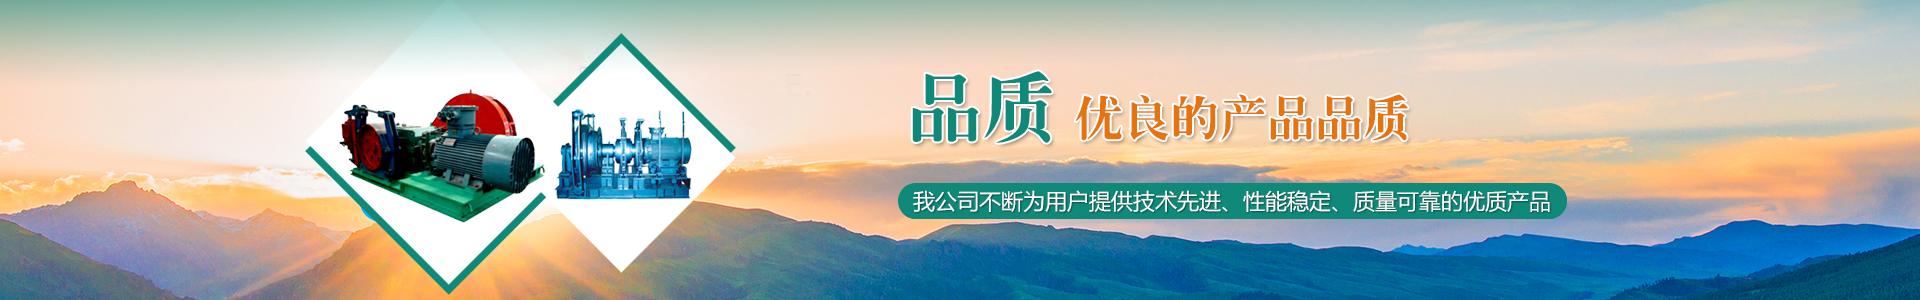 http://www.sdyhjd.cn/data/upload/202001/20200108101656_666.jpg